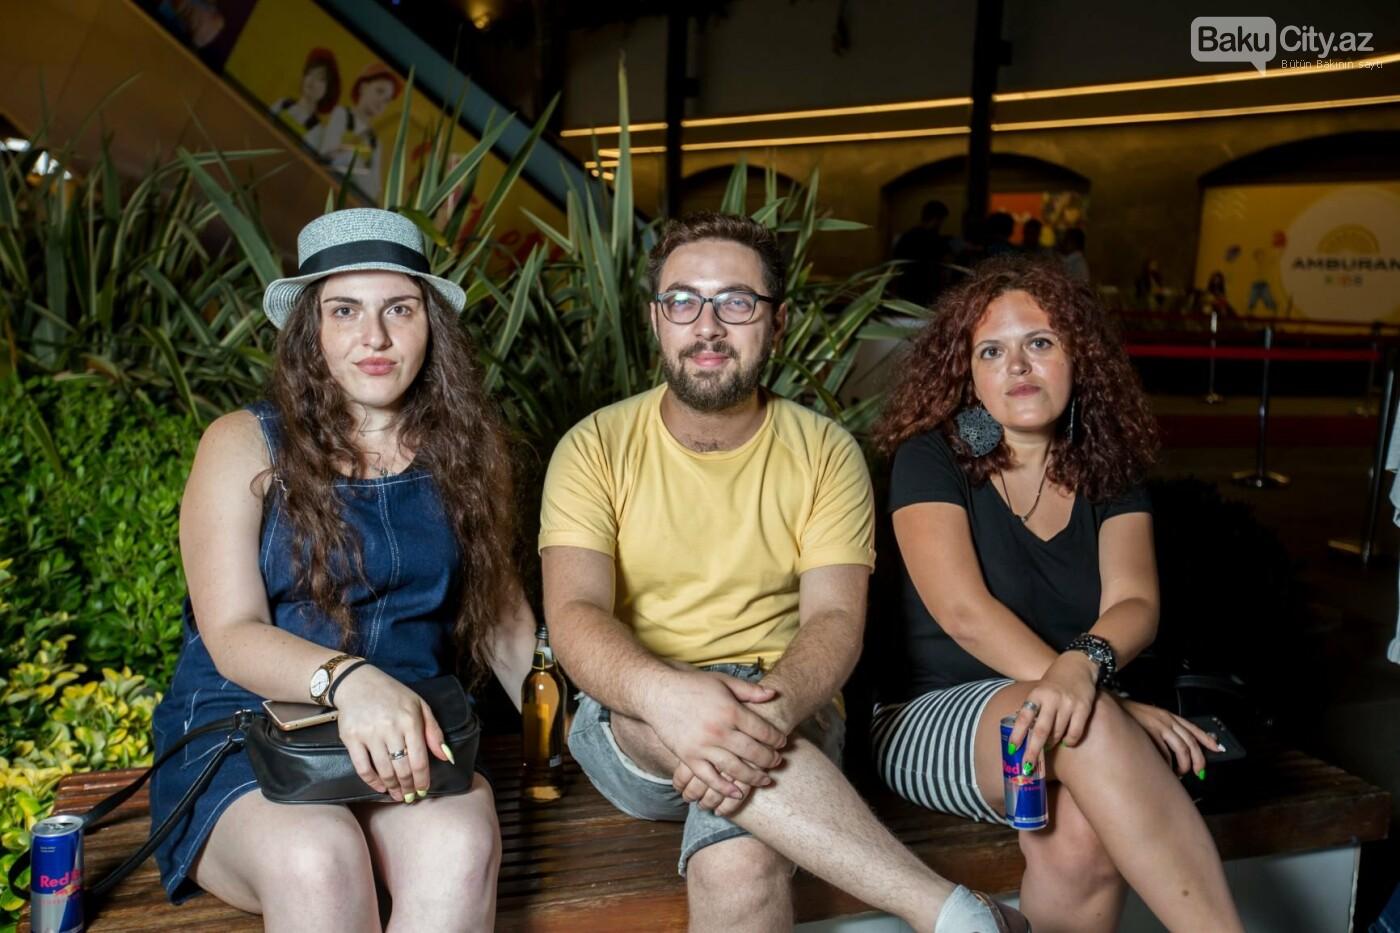 """Bakıda üç filmin nümayişi ilə """"Kino Gecəsi"""" keçirildi - FOTO, fotoşəkil-15"""